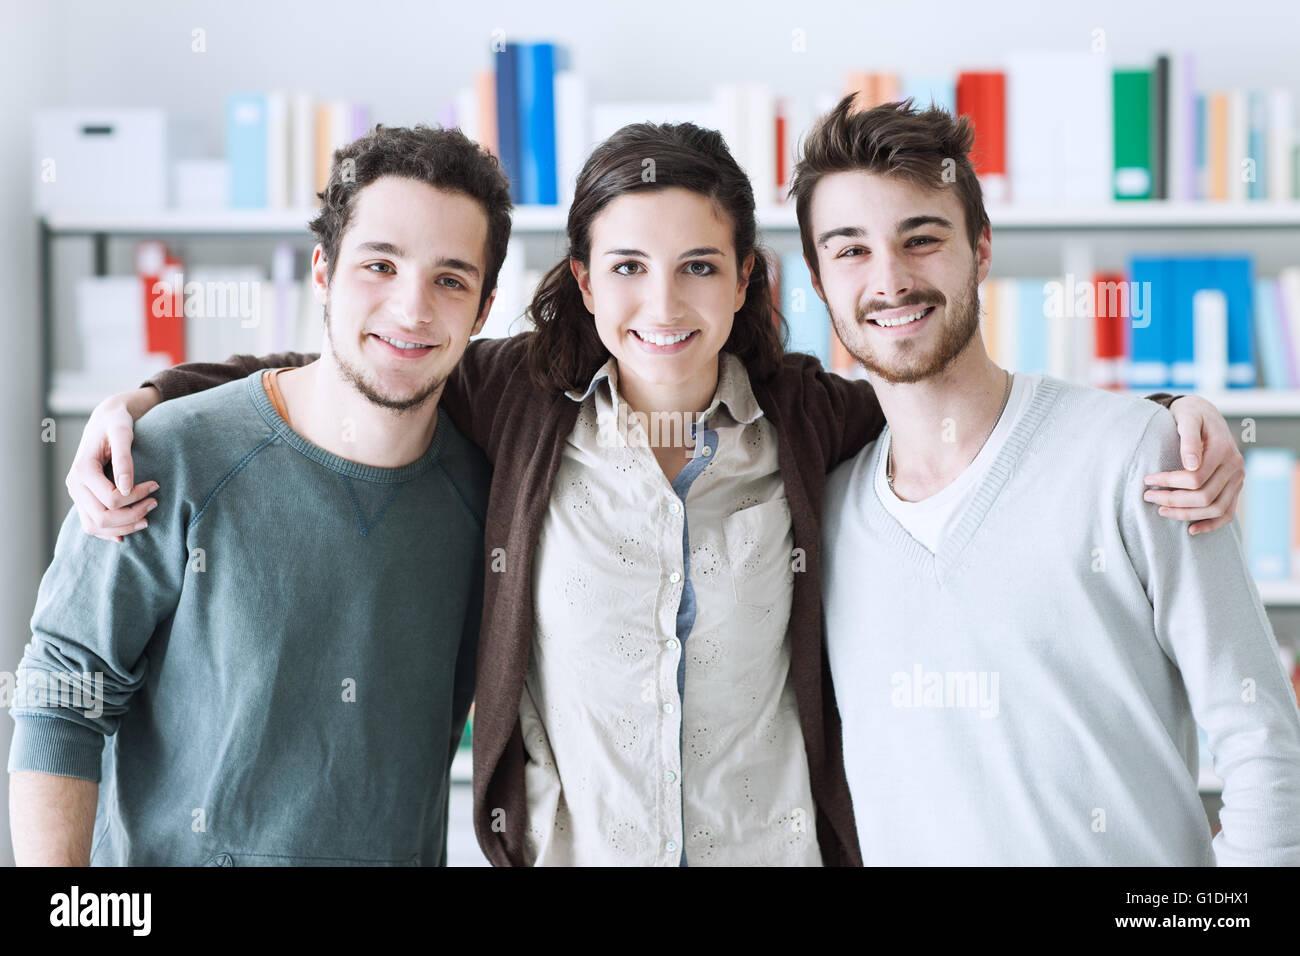 Teenager-Freunde in der Bibliothek zusammen posieren und umarmt, Jugend- und Freundschaft Konzept Stockbild